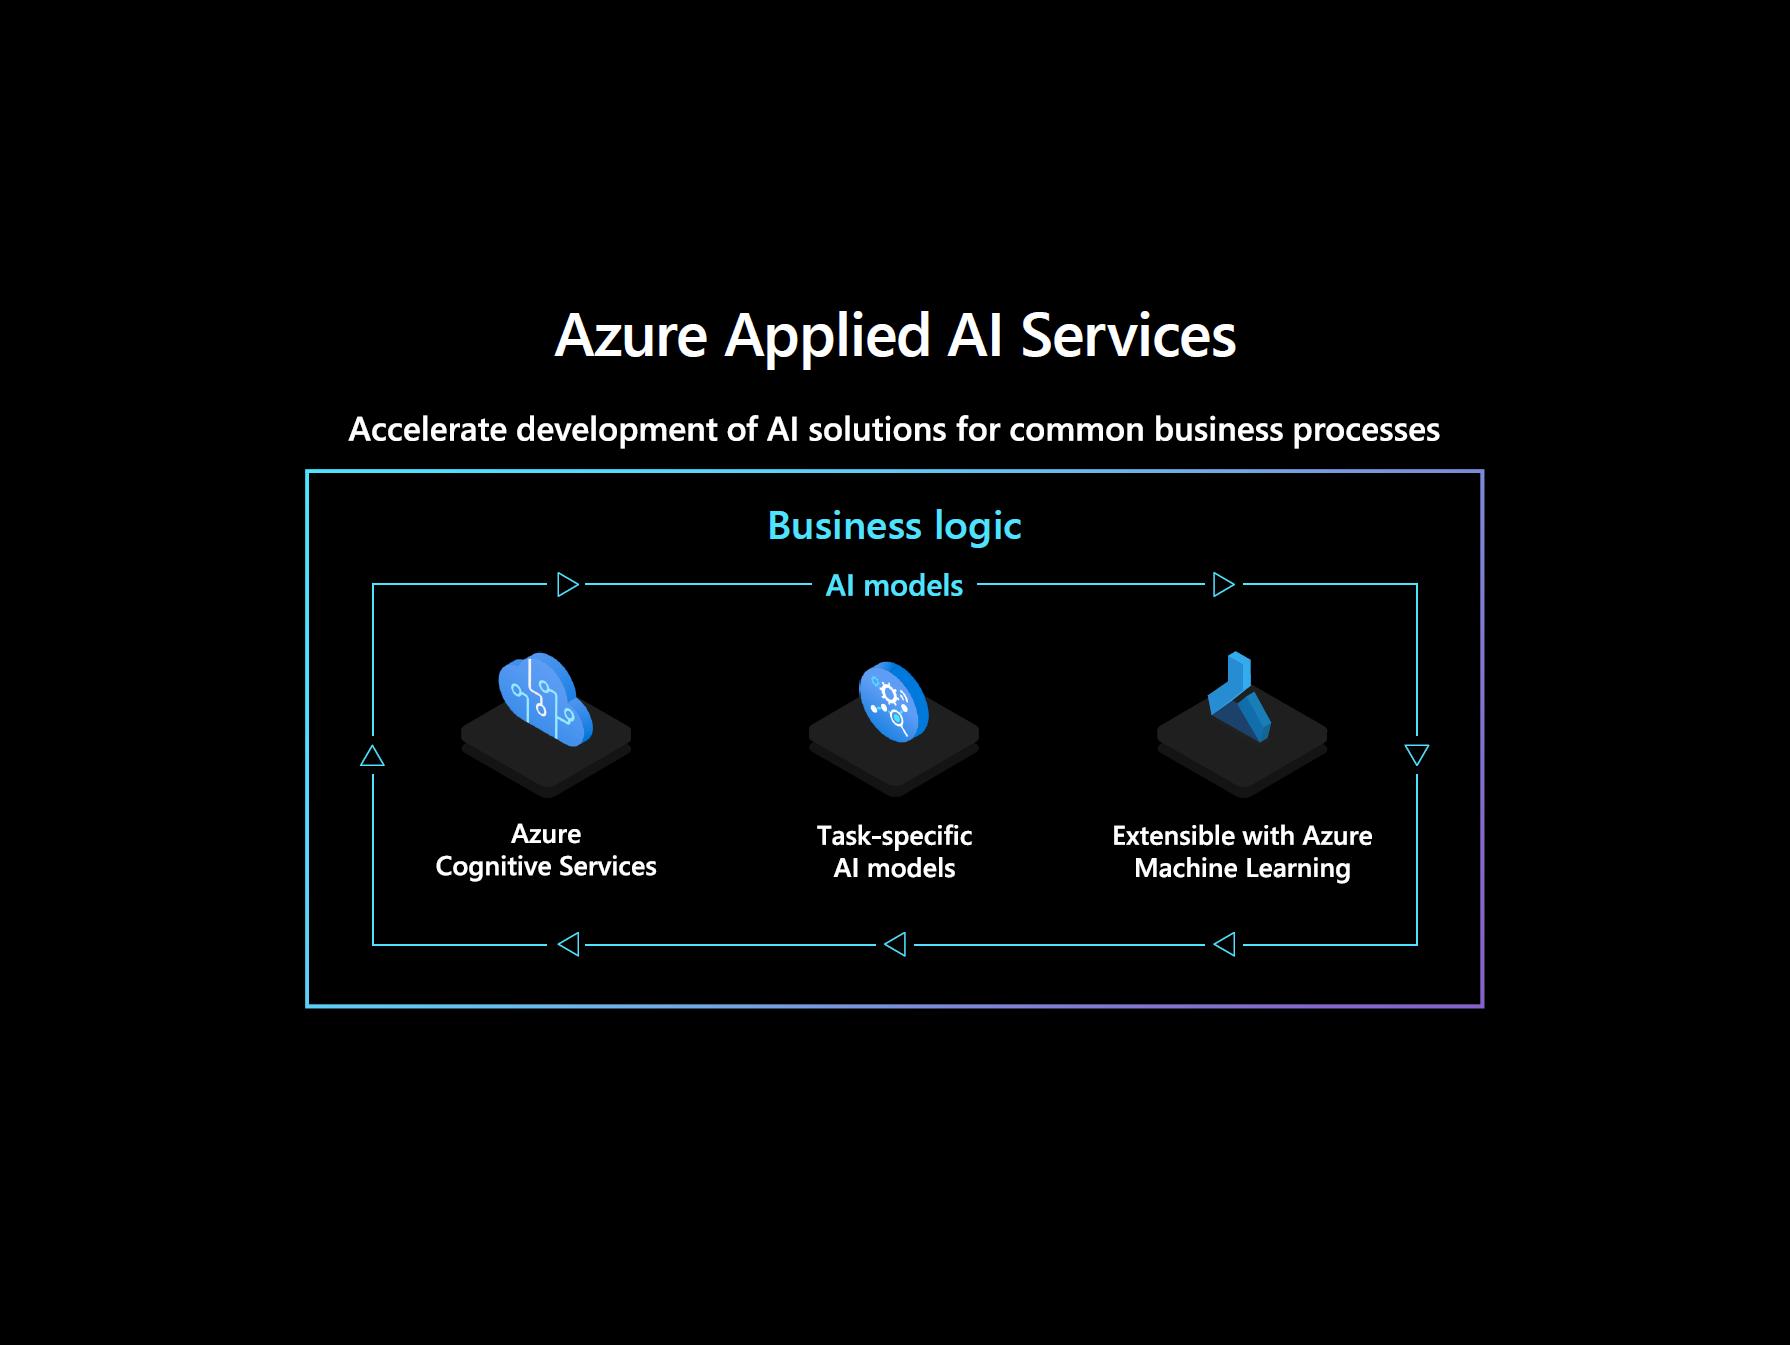 Azure Applied AI Services Diagram